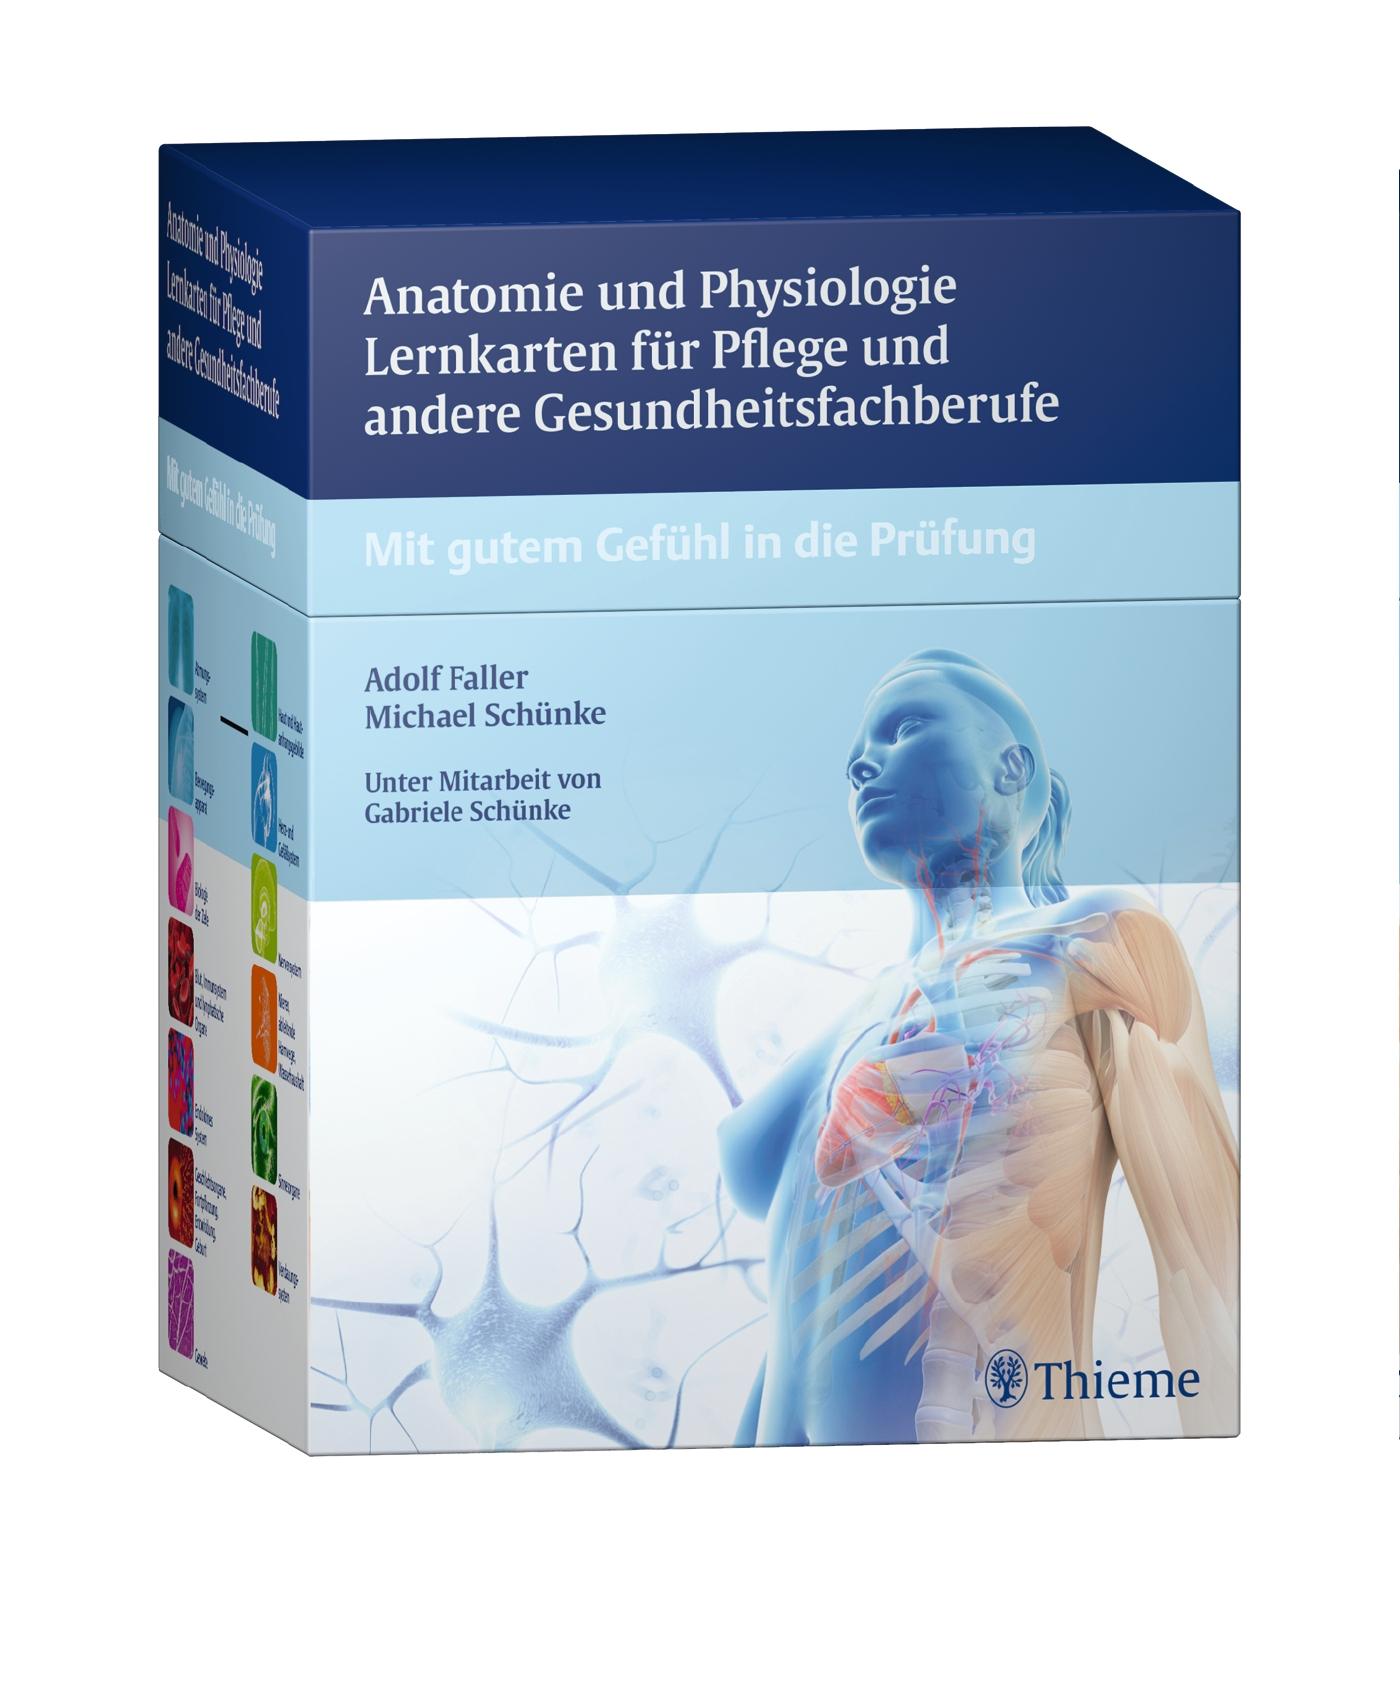 Niedlich Website Edu Anatomie Prüfung Galerie - Menschliche Anatomie ...